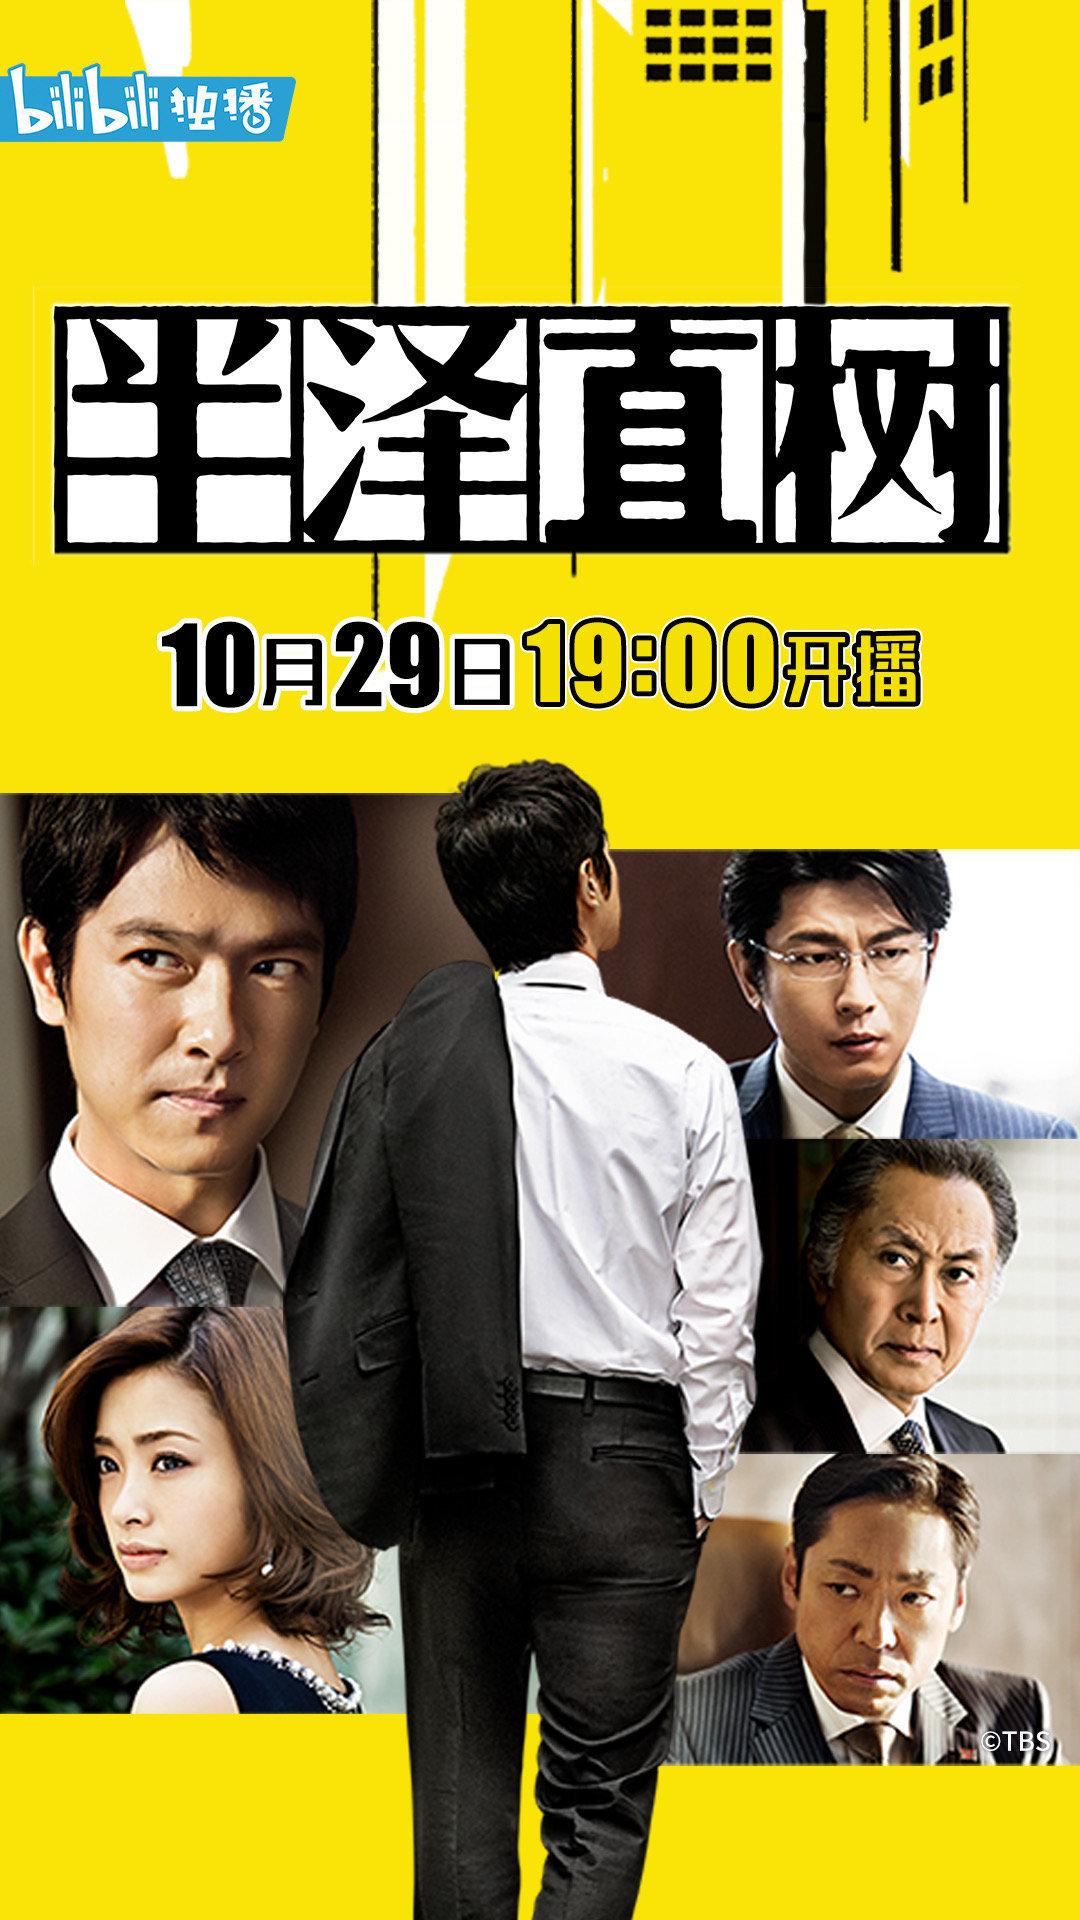 高分日剧《半泽直树》国内上了!10月29日开播,可不就是明天嘛